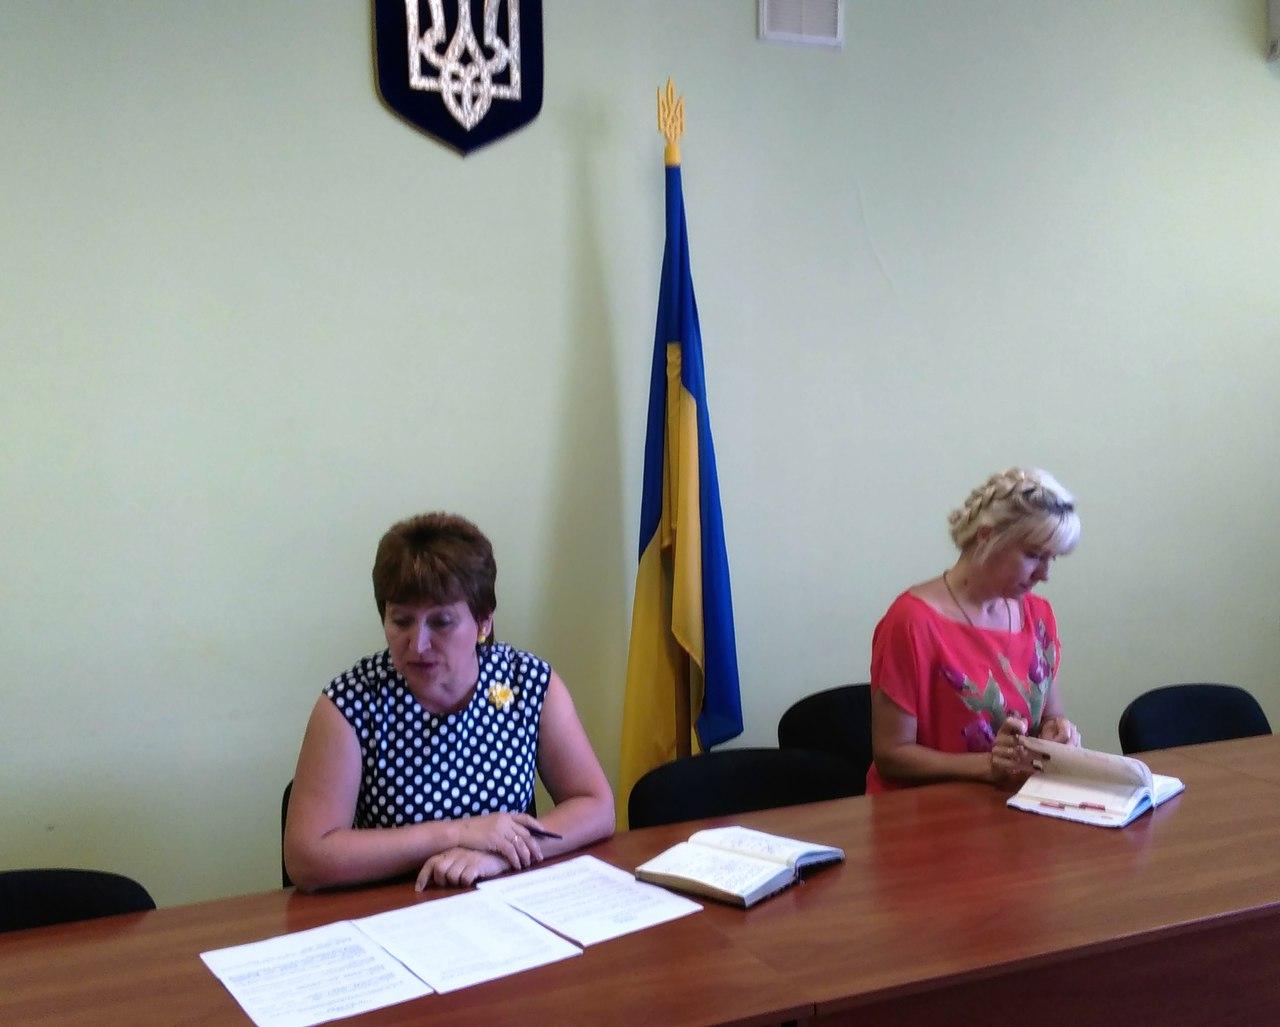 Заступник голови Печенізької райдержадміністрації О.В.Кизим провела апаратну нараду